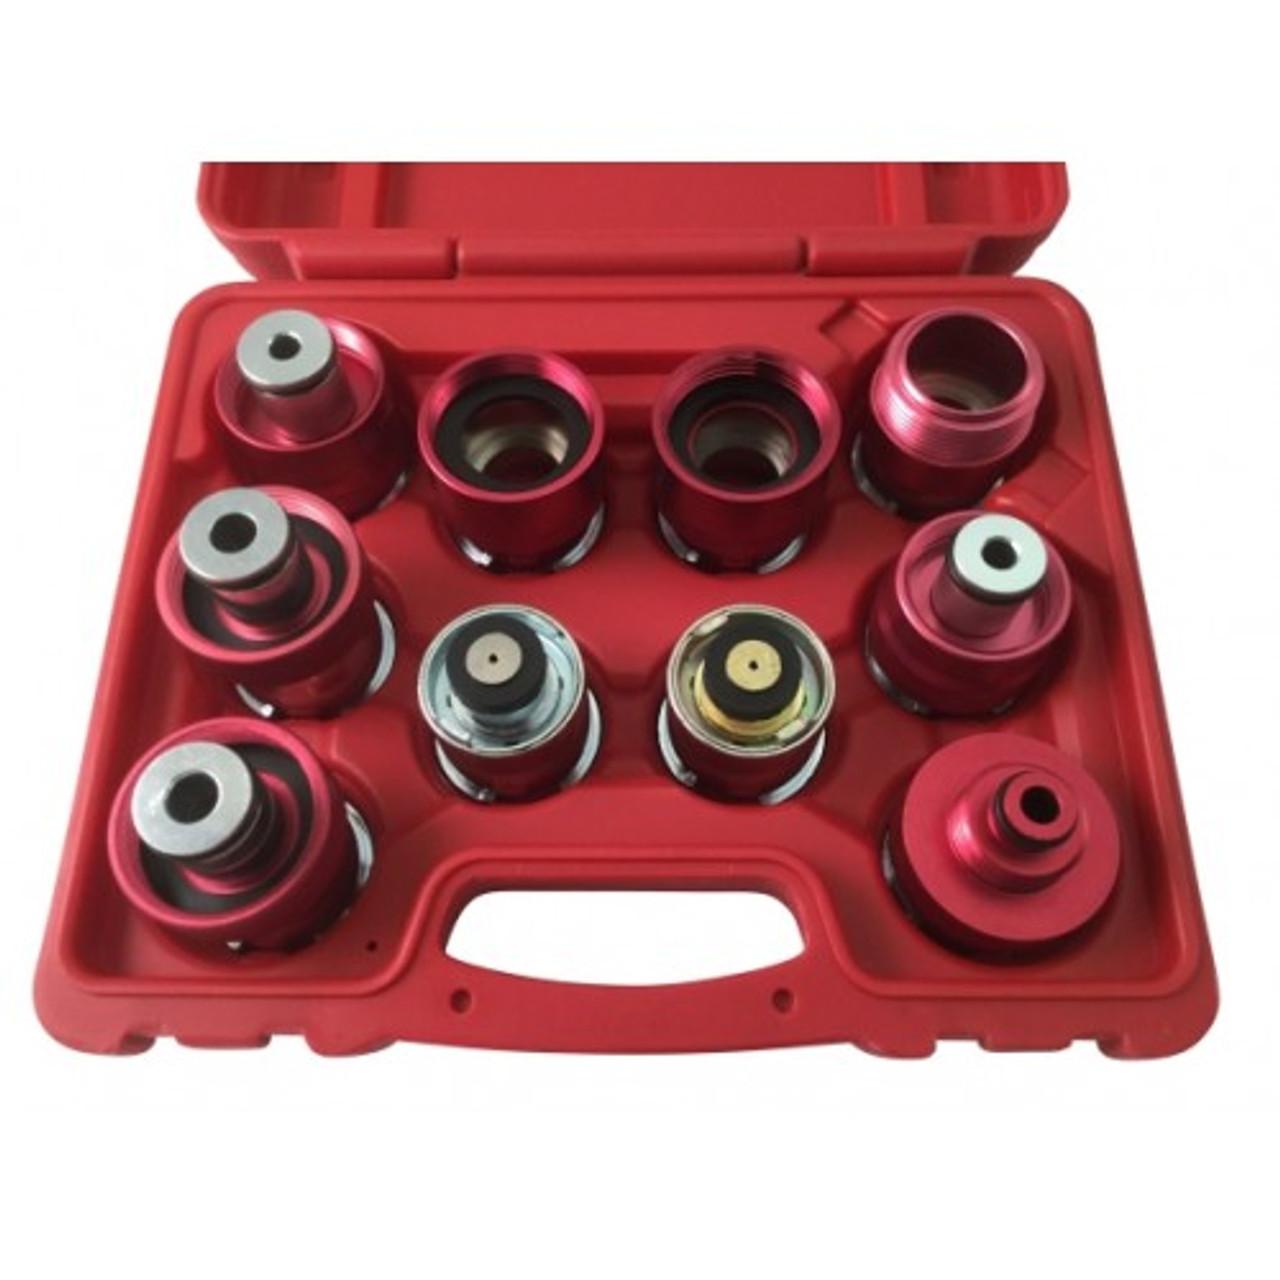 CTA Tools 7120 3 Piece Radiator /& Cap Tester